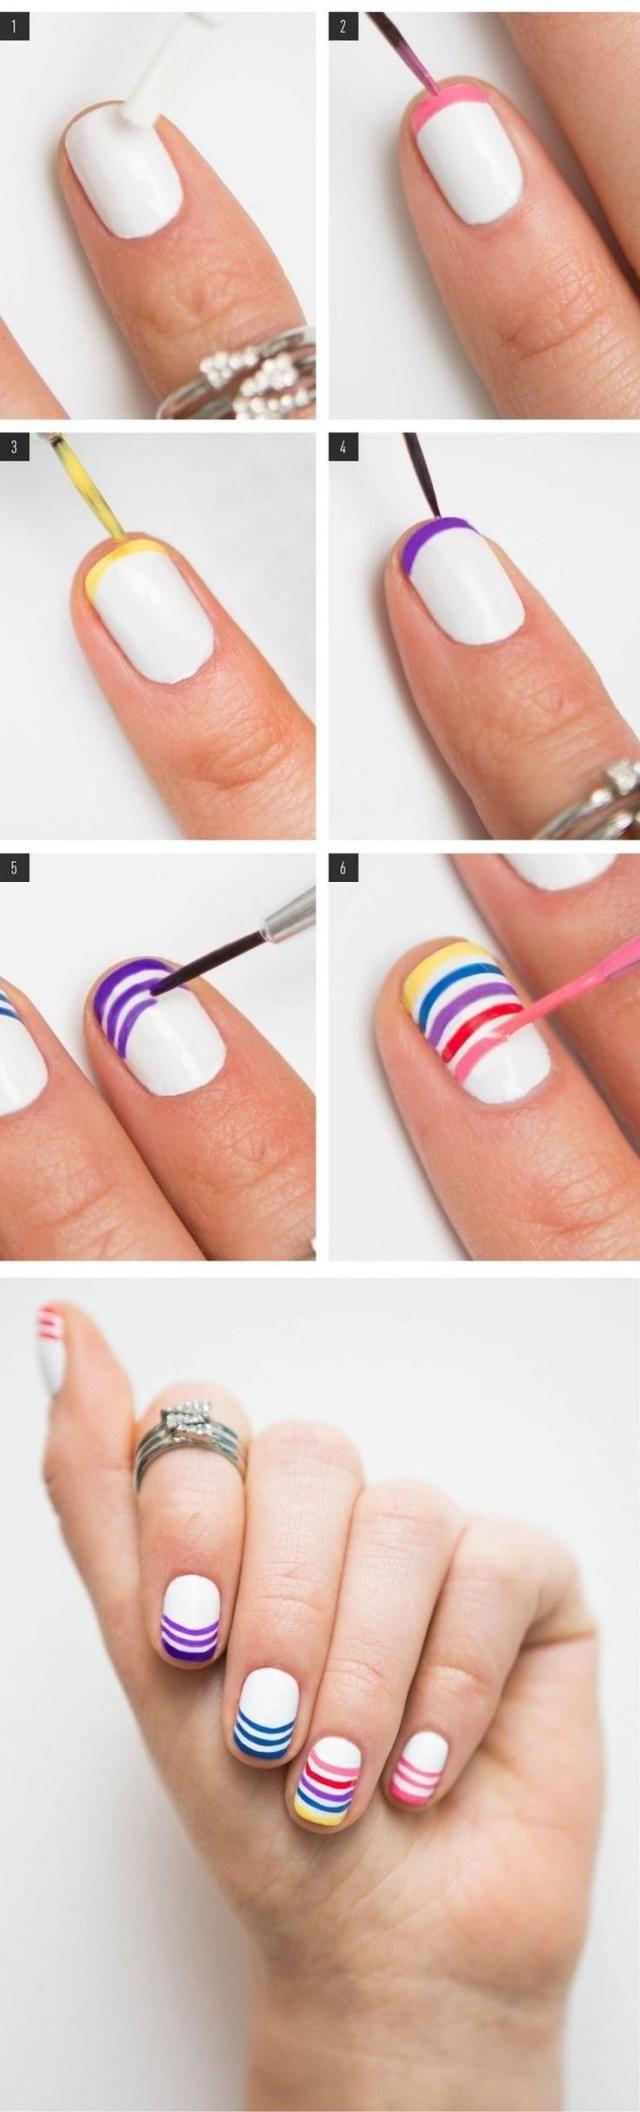 184 besten Nägel Bilder auf Pinterest | Nagelkunst, Arbeitsnägel und ...